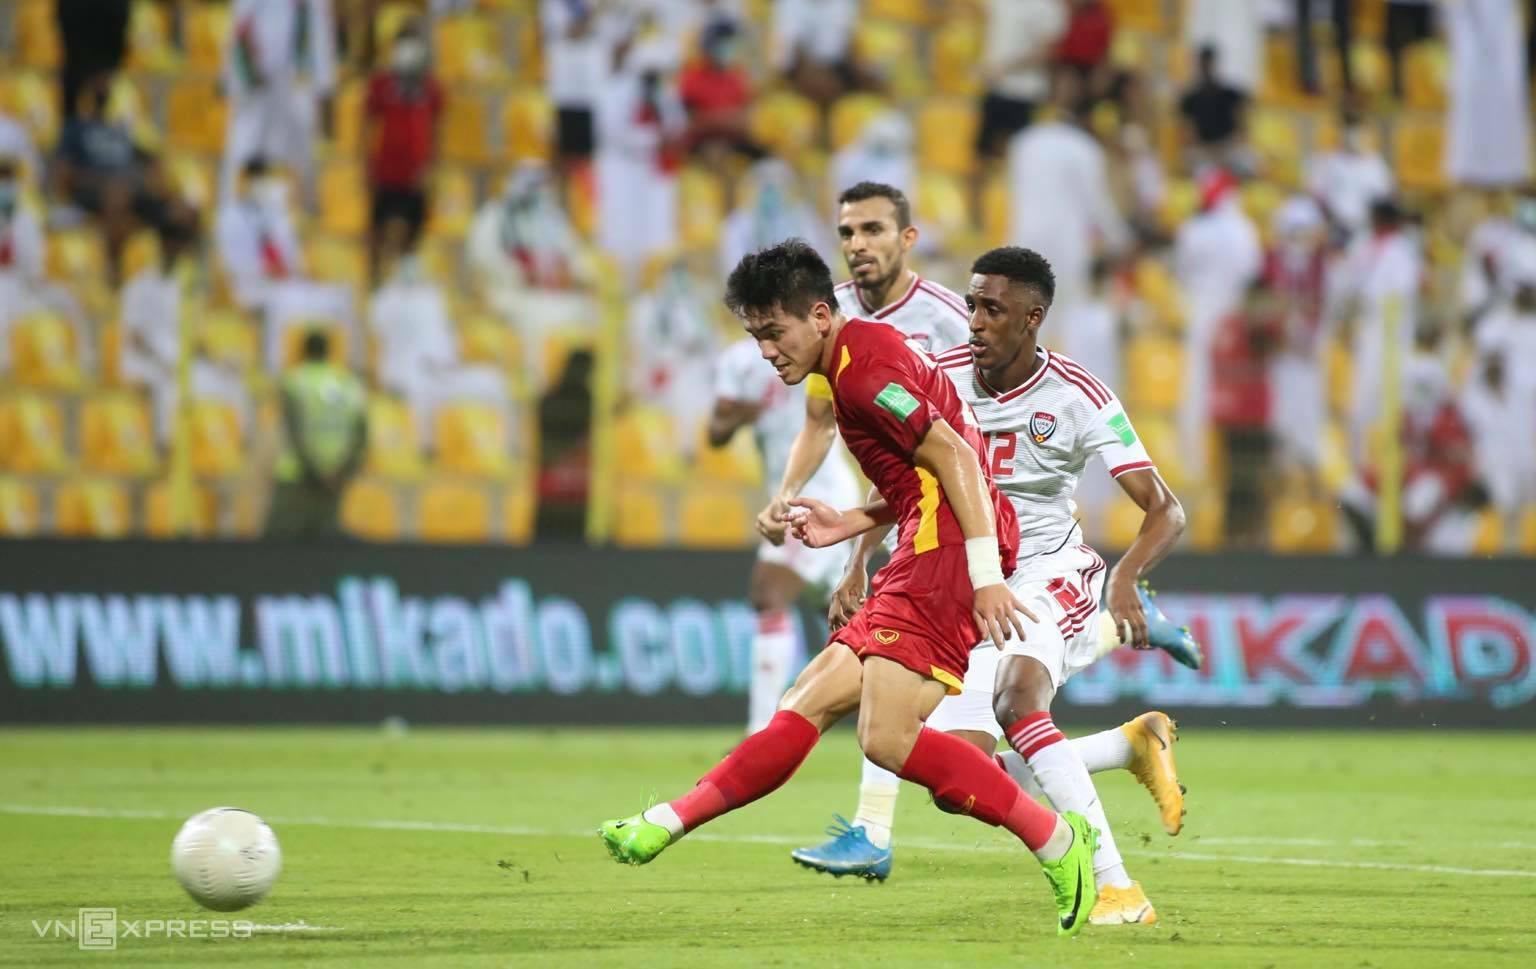 Tiến Linh băng xuống sút bóng qua tay thủ môn UAE rút ngắn tỷ số còn 1-3 cho Việt Nam. Ảnh: Lâm Thoả.